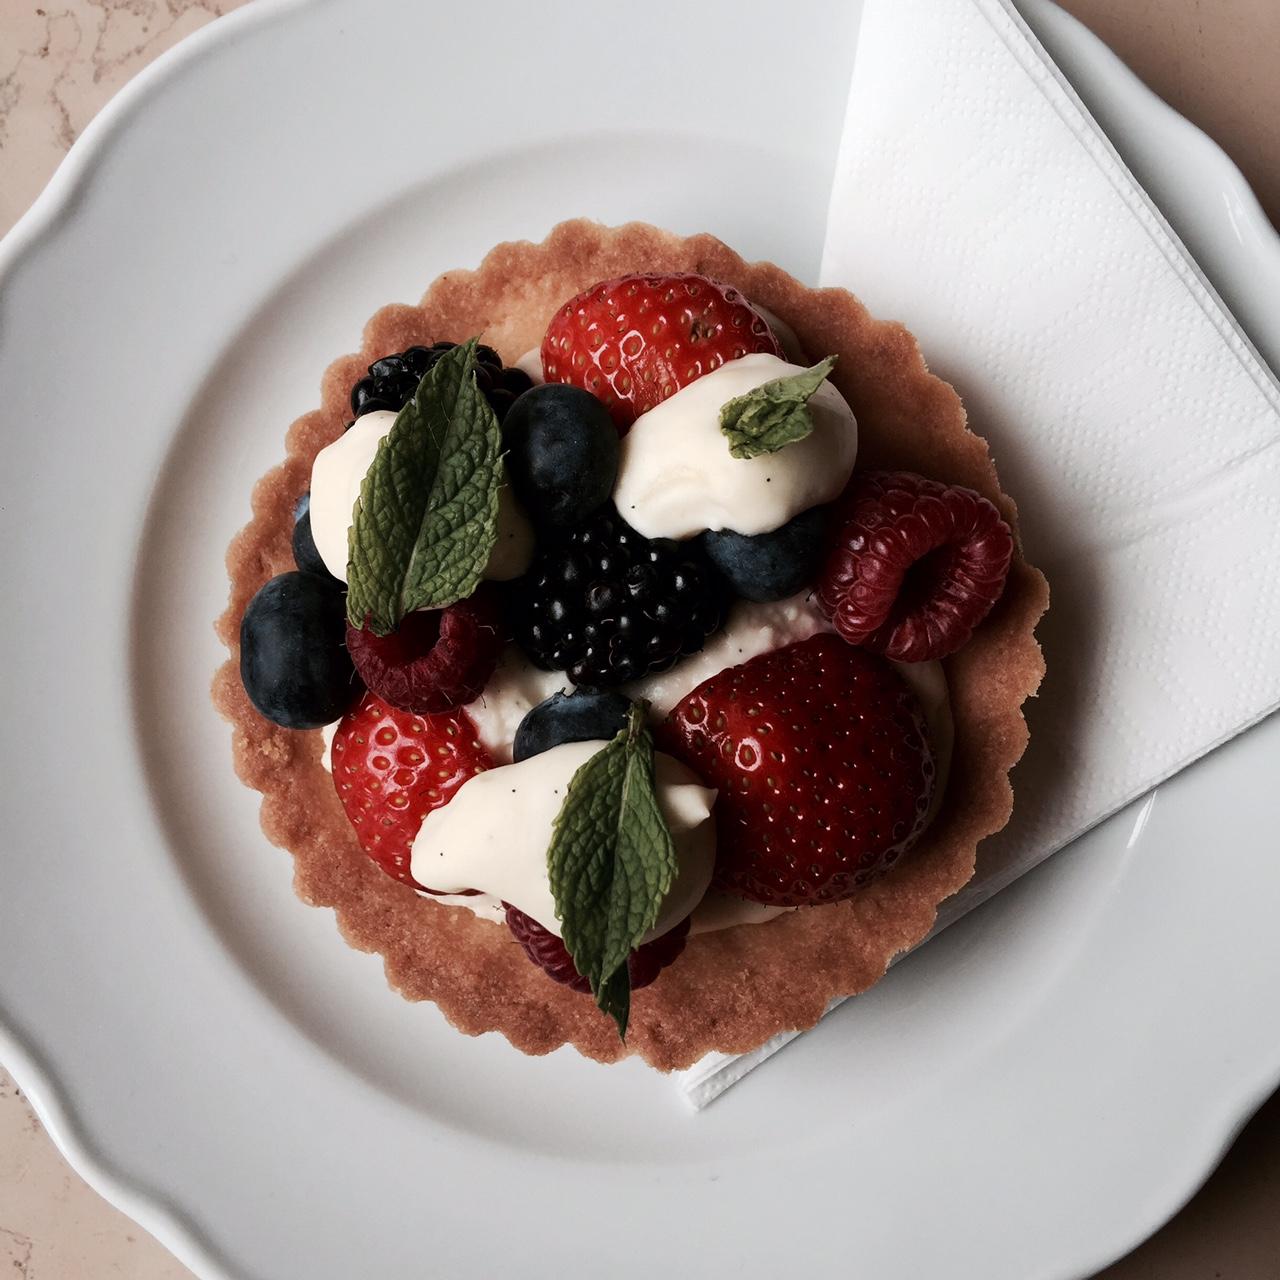 Cafe Savoy Desserts